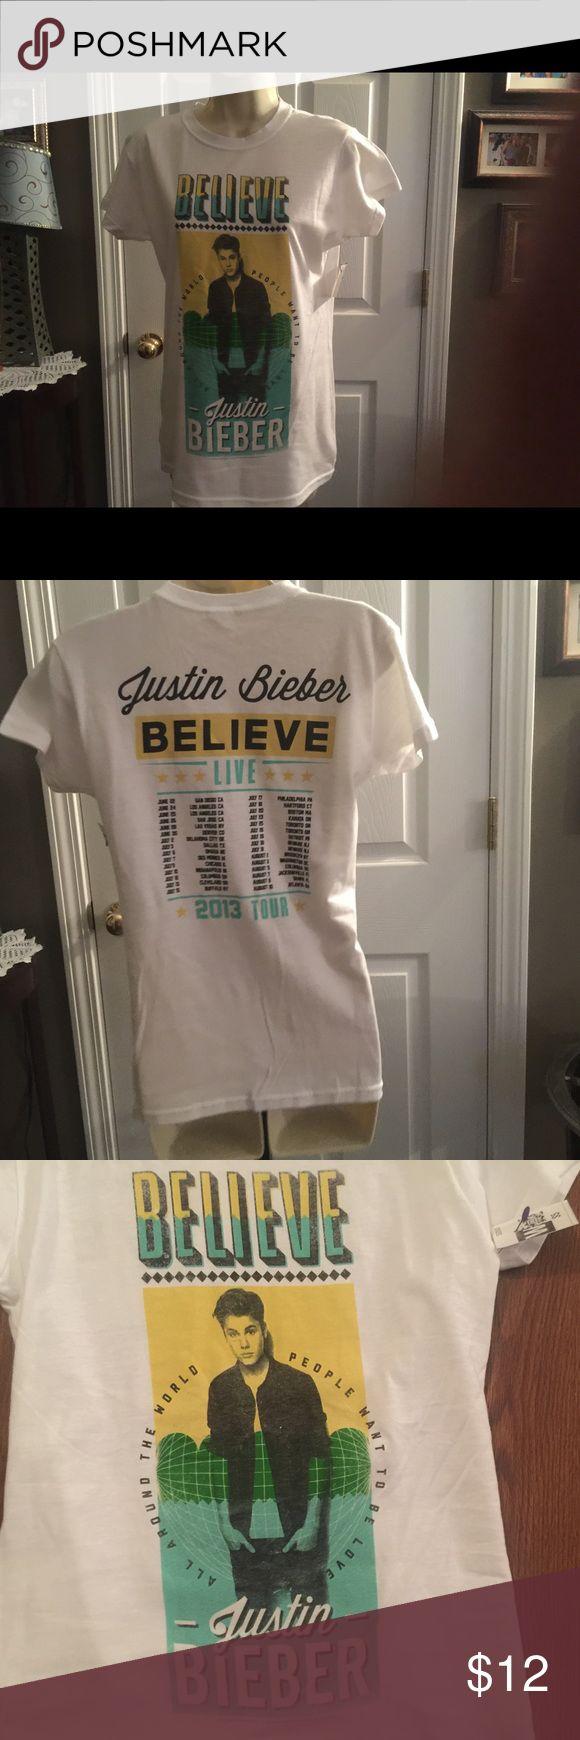 Women's fit Justin Beiber Believe Tour Shirt Medium Justin Beiber Believe 2013 tour shirt .  Women's fit. Tops Tees - Short Sleeve